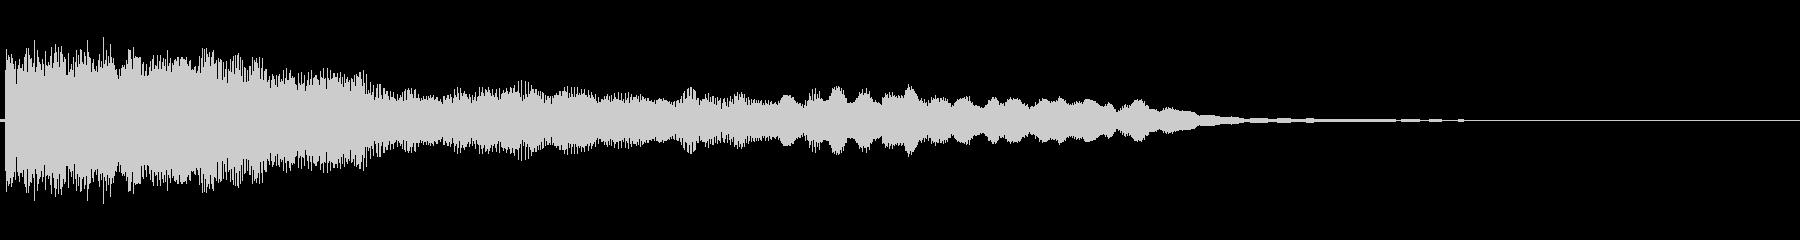 ロックブルースバンパー5の未再生の波形